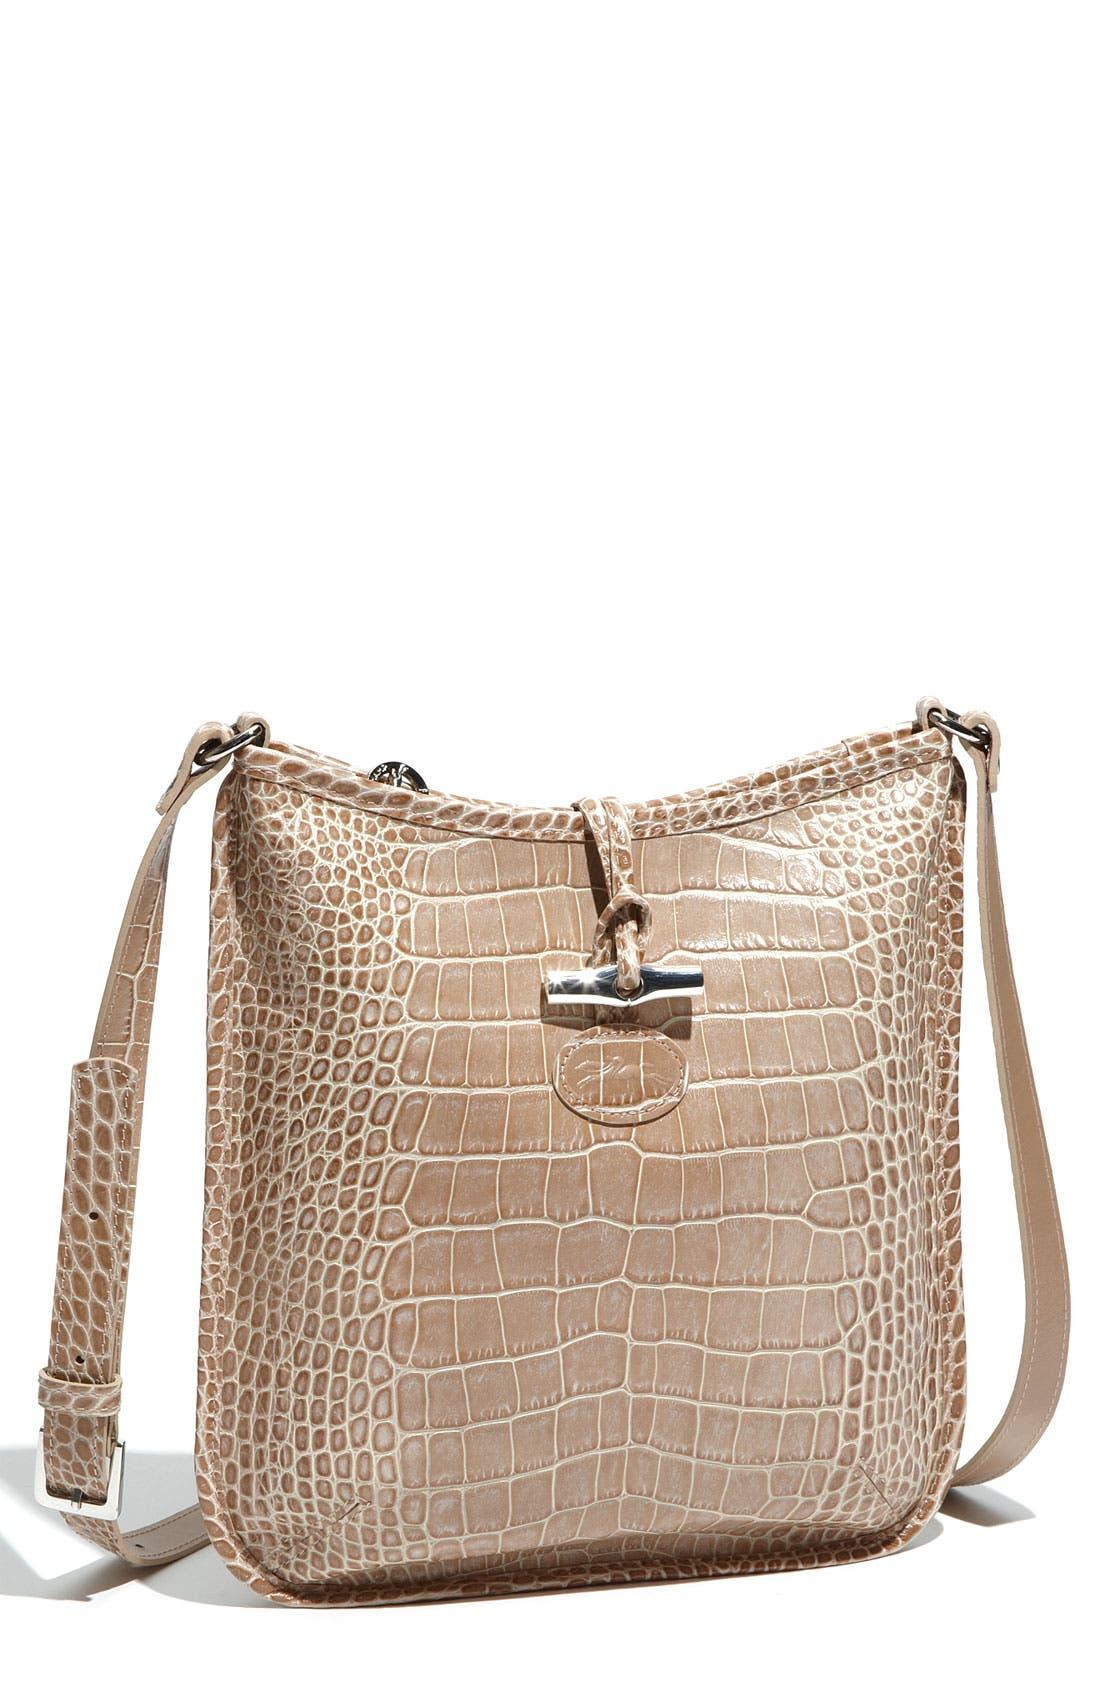 Main Image - Longchamp 'Roseau' Croc Embossed Crossbody Bag